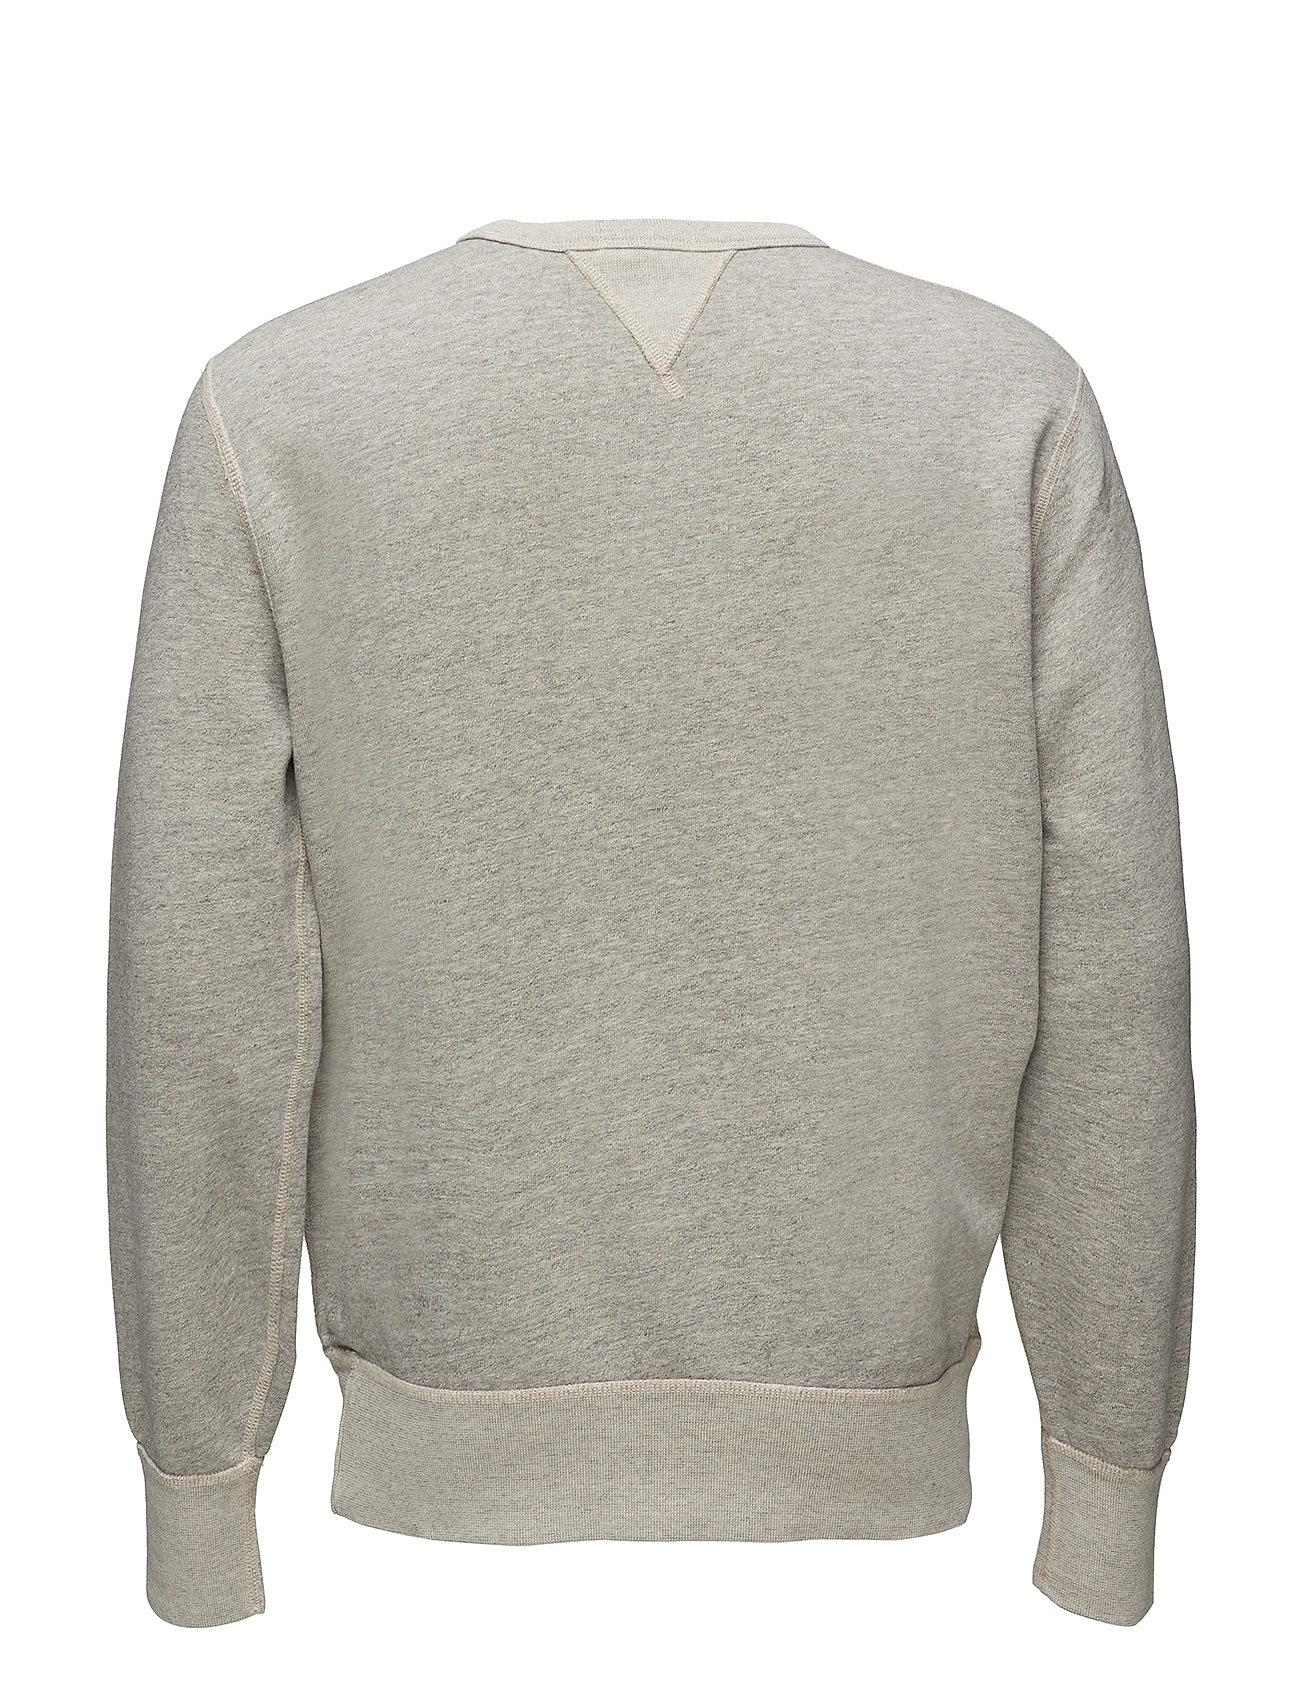 Cotton HePolo Ralph Lauren Sweatshirtstadium Pepper fleece blend SzpVqUM